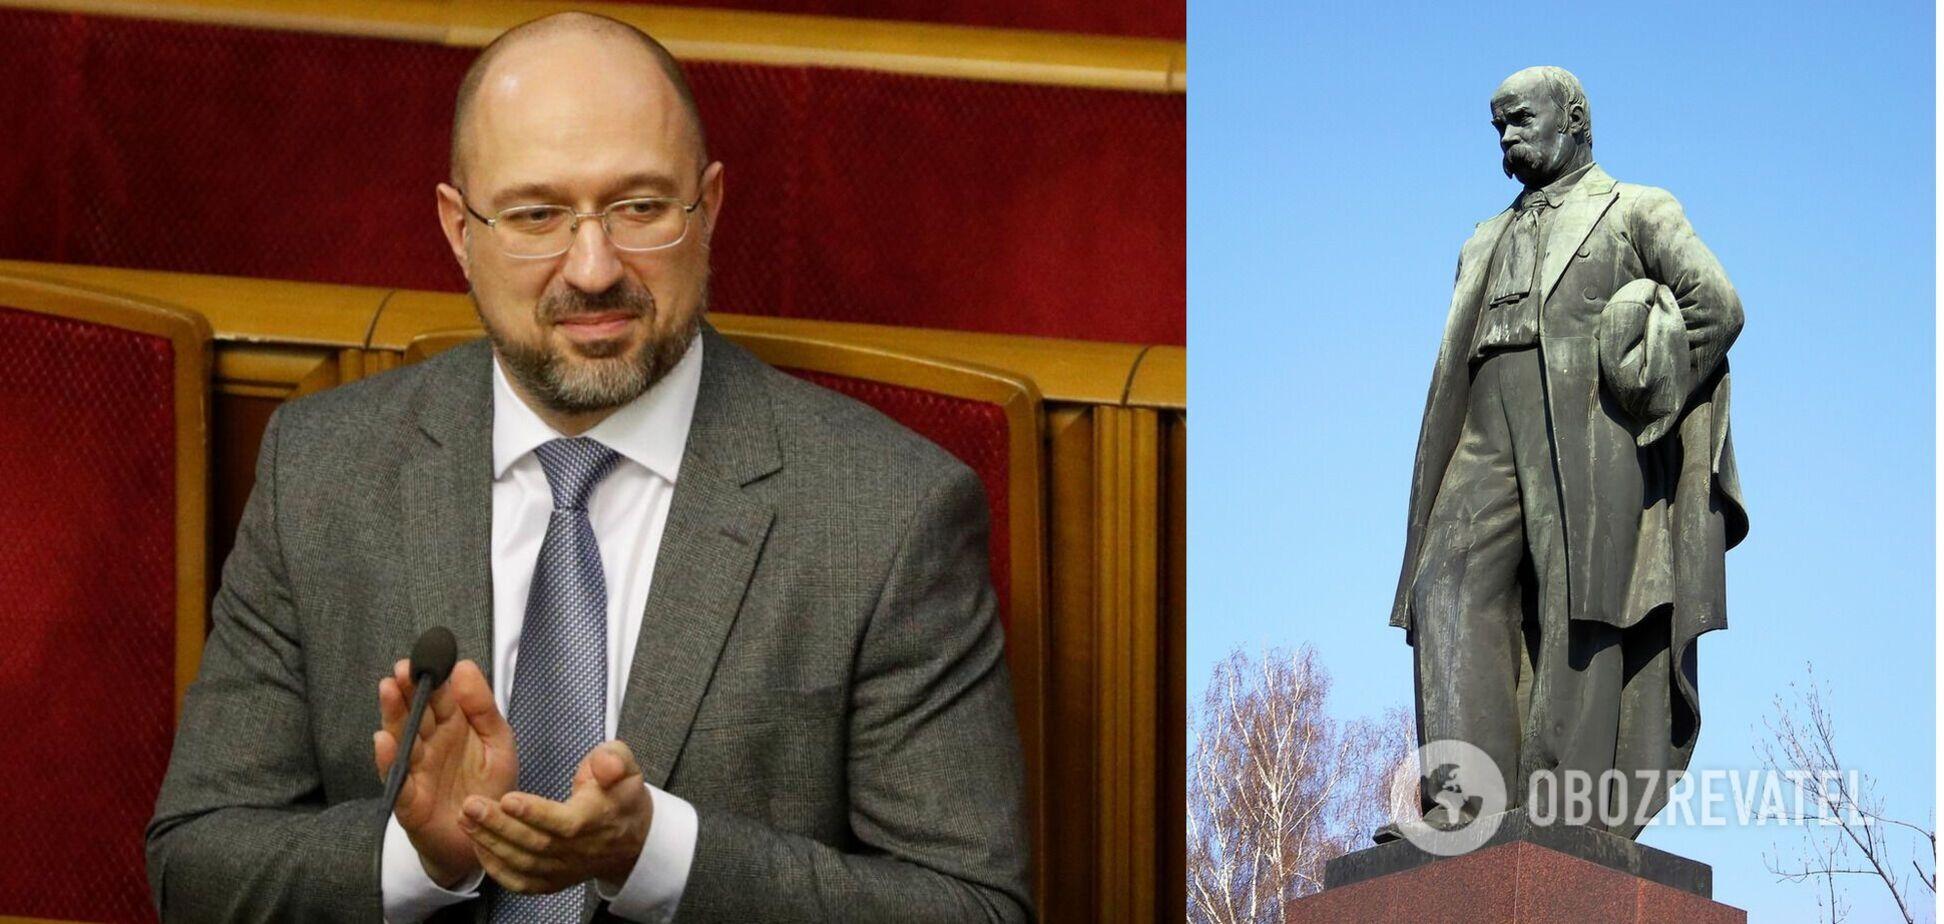 Денис Шмигаль розвеселив соцмережі постом про Тараса Шевченка